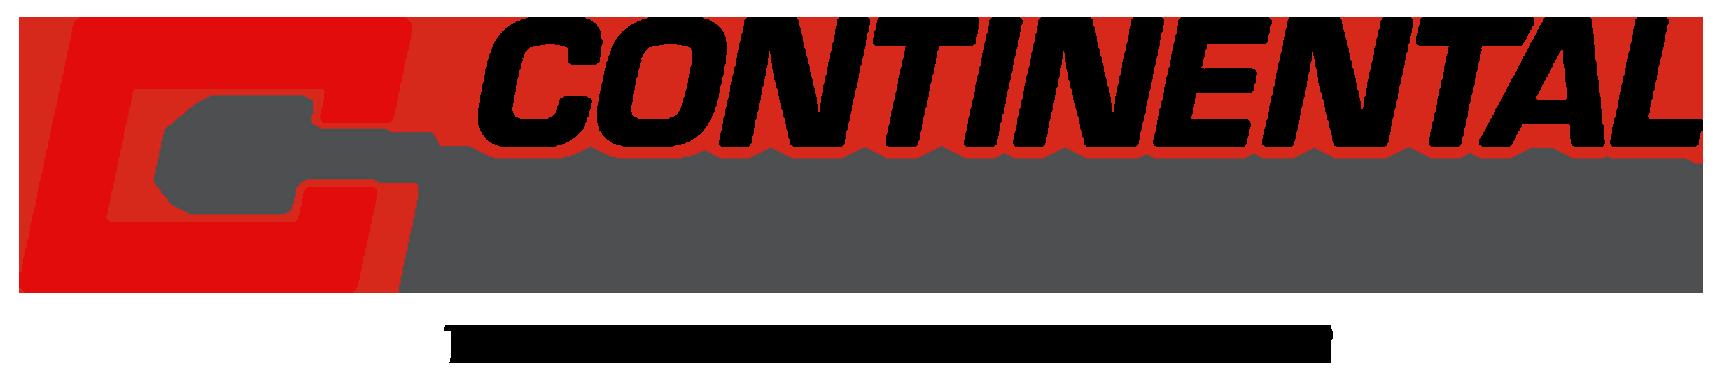 ROB284-16003-03